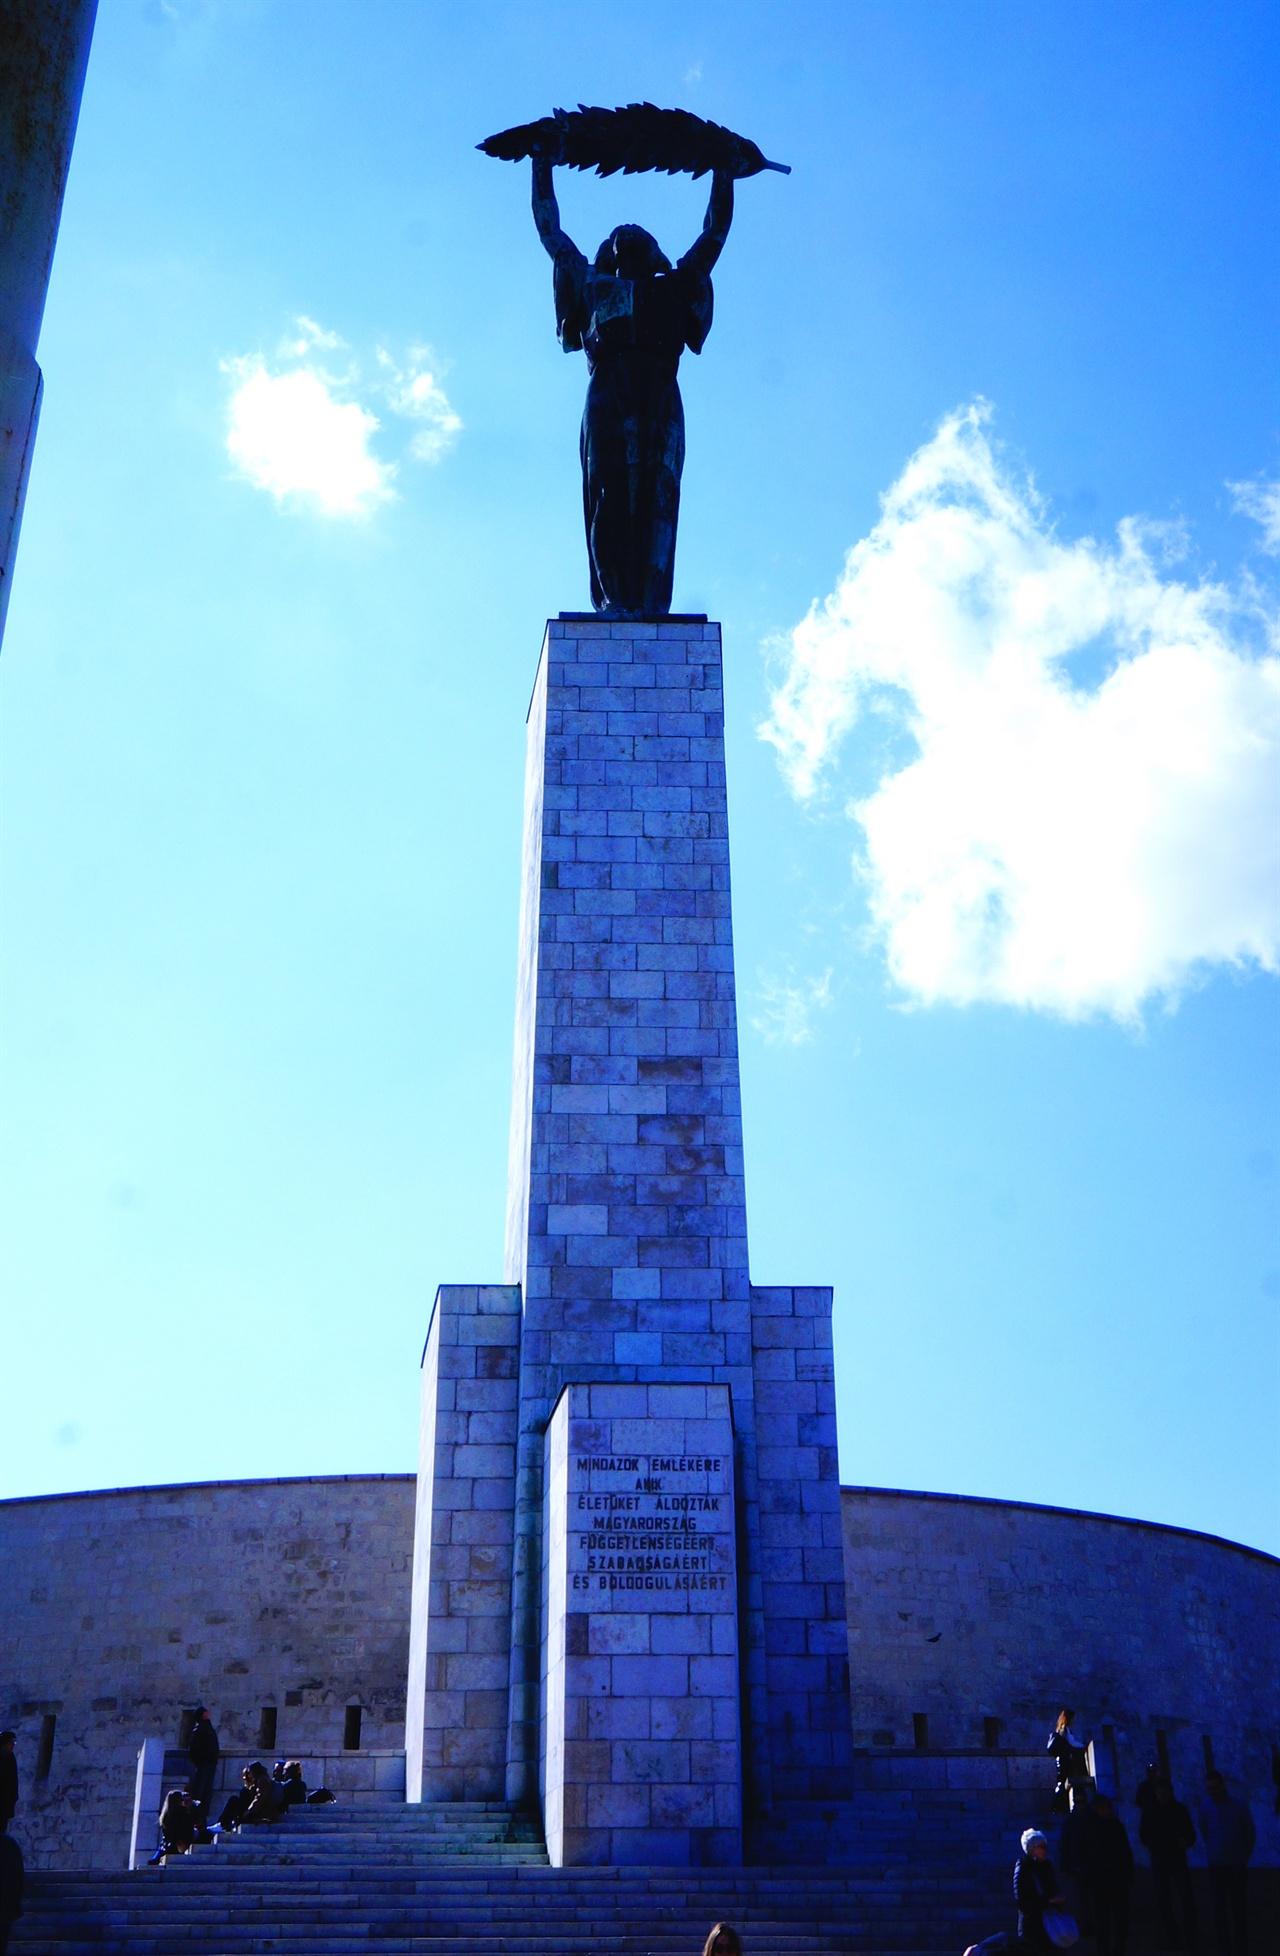 겔레르트 언덕의 '자유의 여신상' 제2차 세계대전 때 소련군이 독일군을 물리친 후 '자유의 여신상'을 세운다